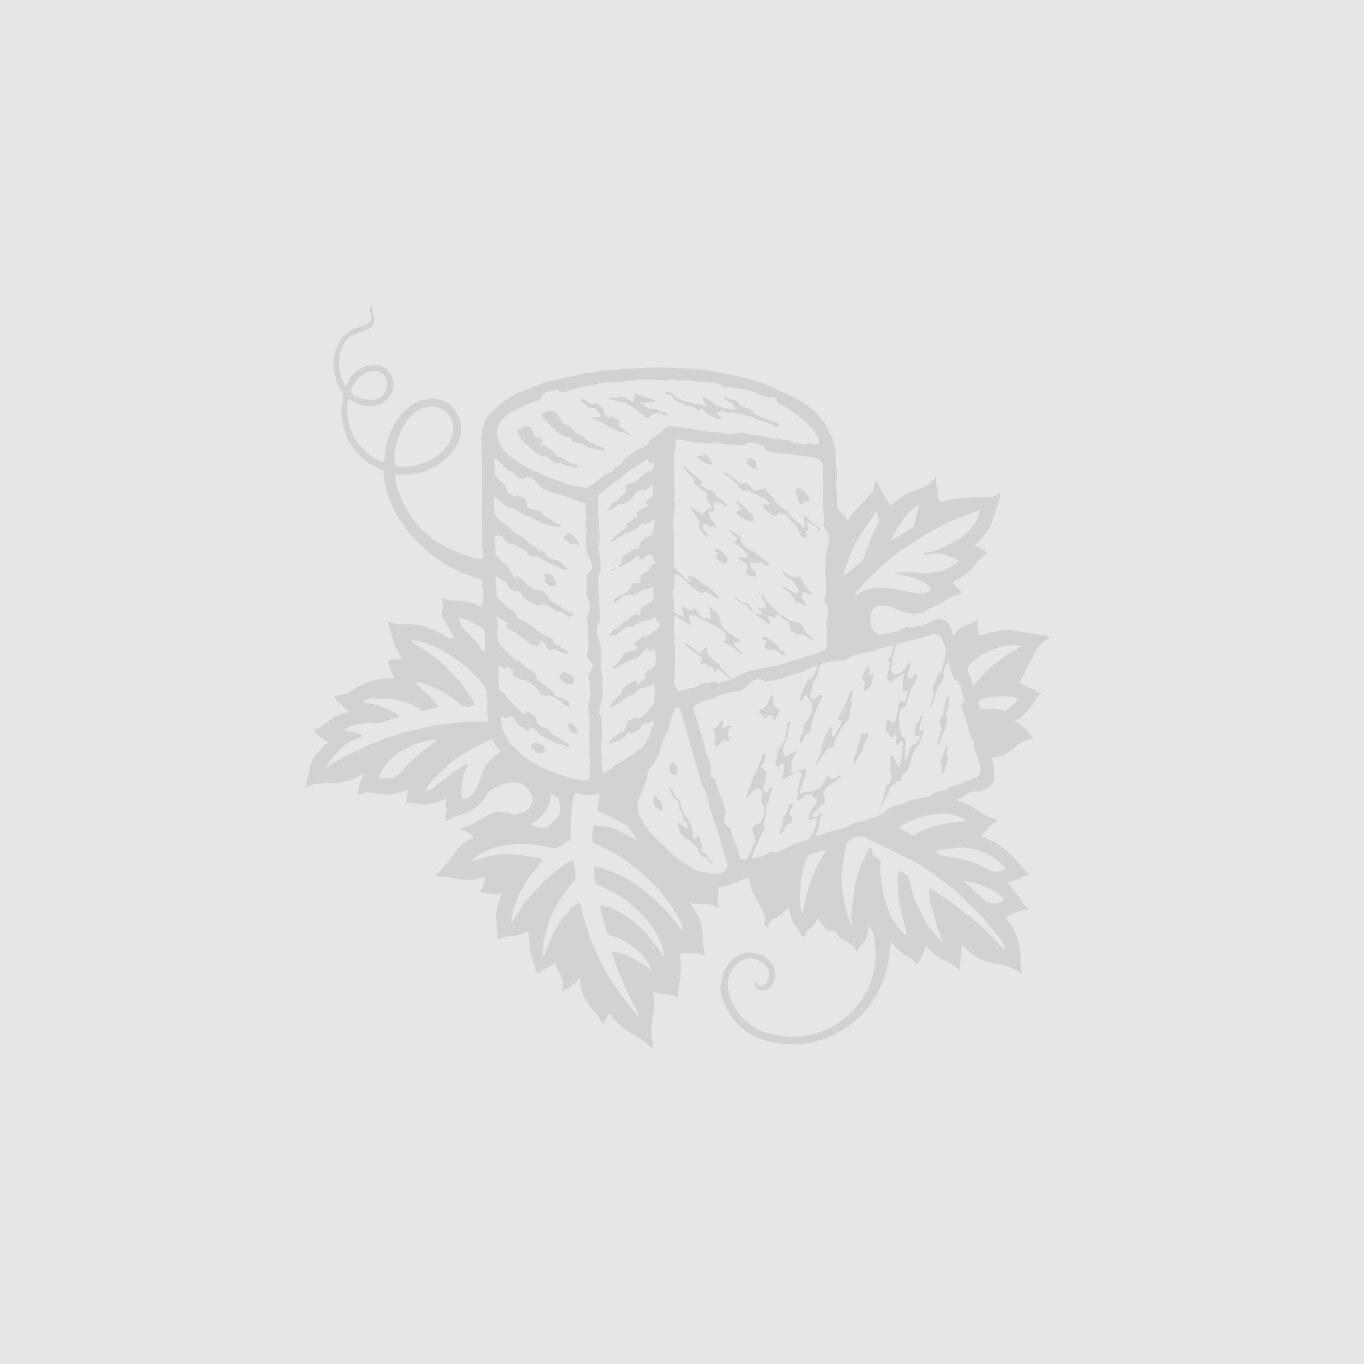 Viento Aliseo Viognier Dominio de Punctum 2018